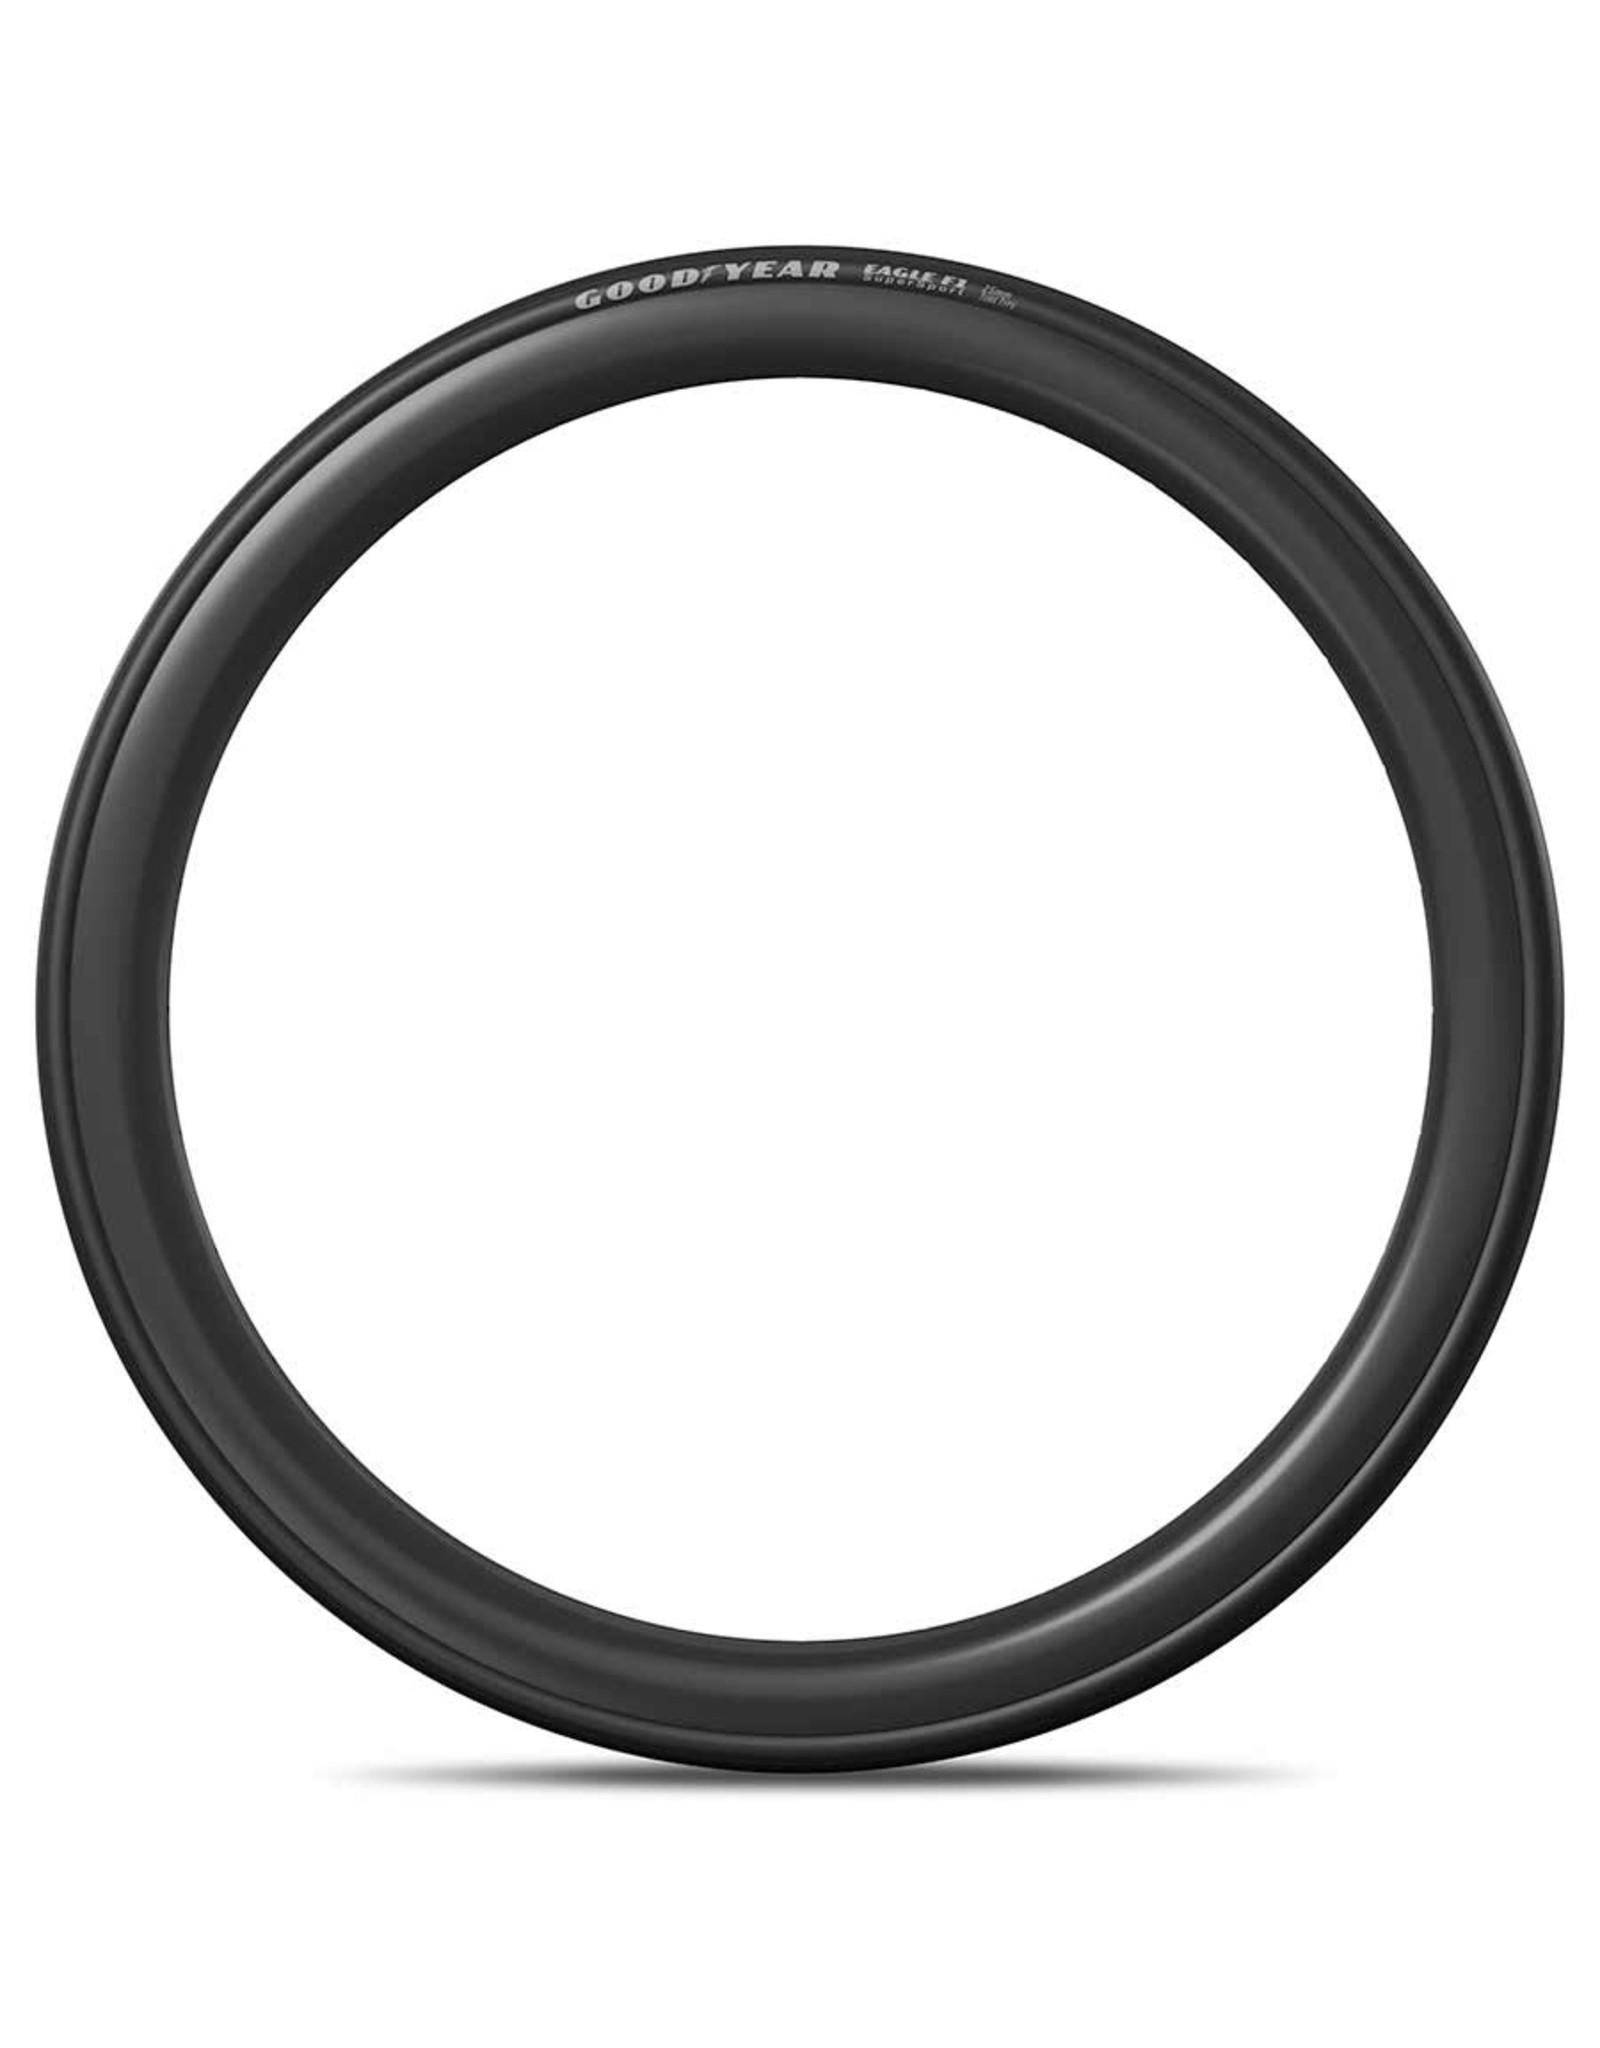 Goodyear Goodyear, Eagle F1 SuperSport, Tire, 700x23C, Folding, Clincher, Dynamic:GSR, R:Shield, 120TPI, Black